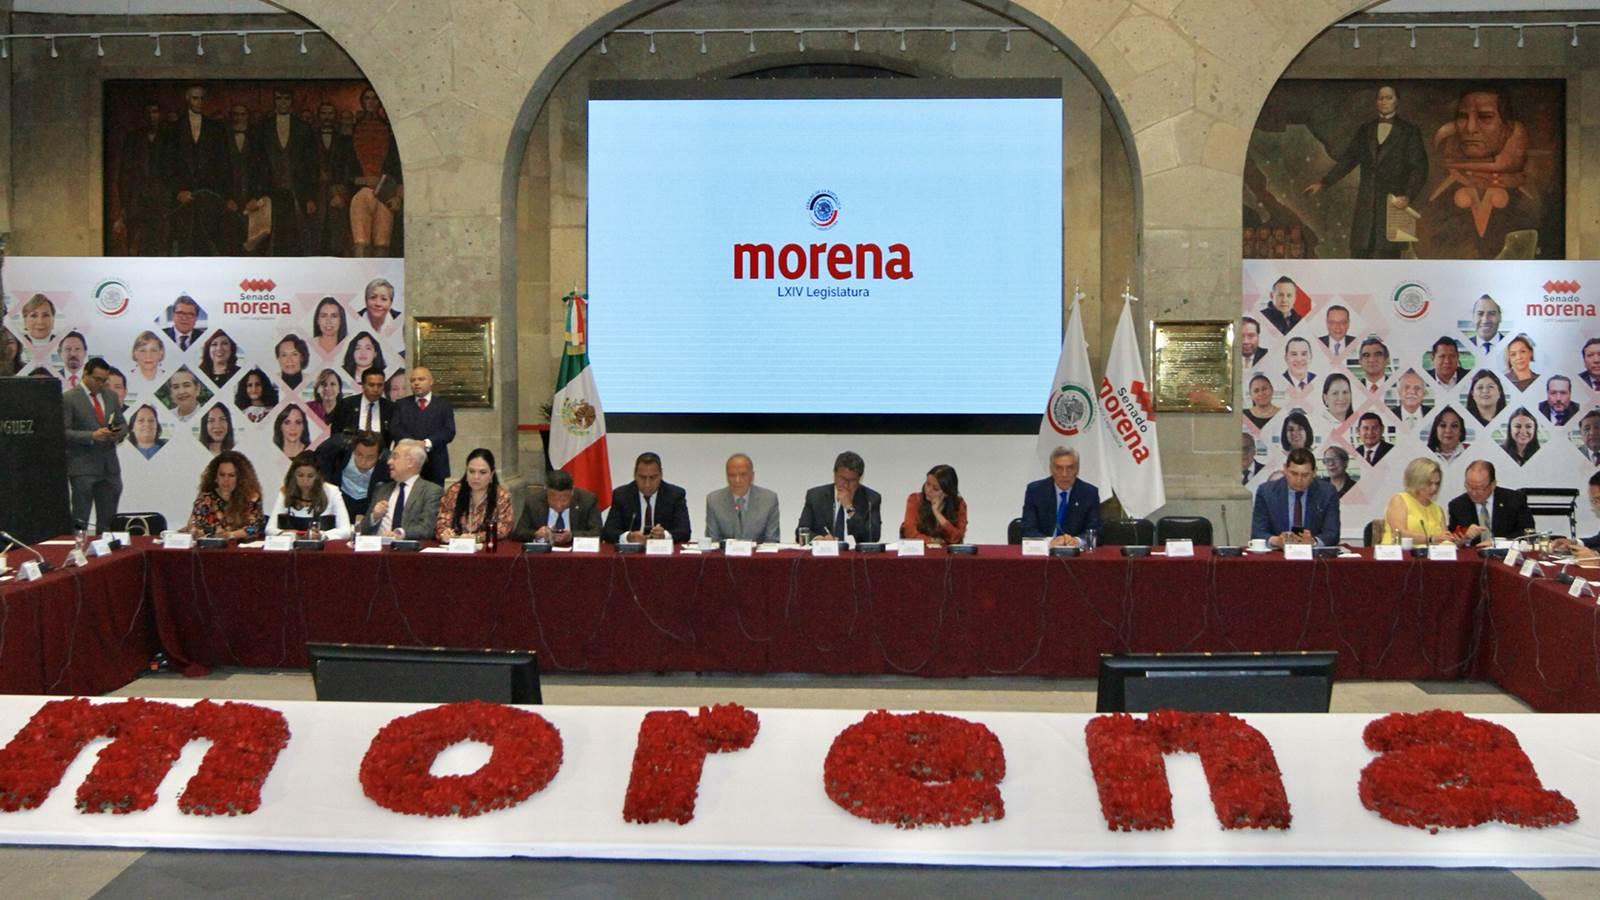 Morena, el favorito en los comicios de 2021 con un 32%: sondeo